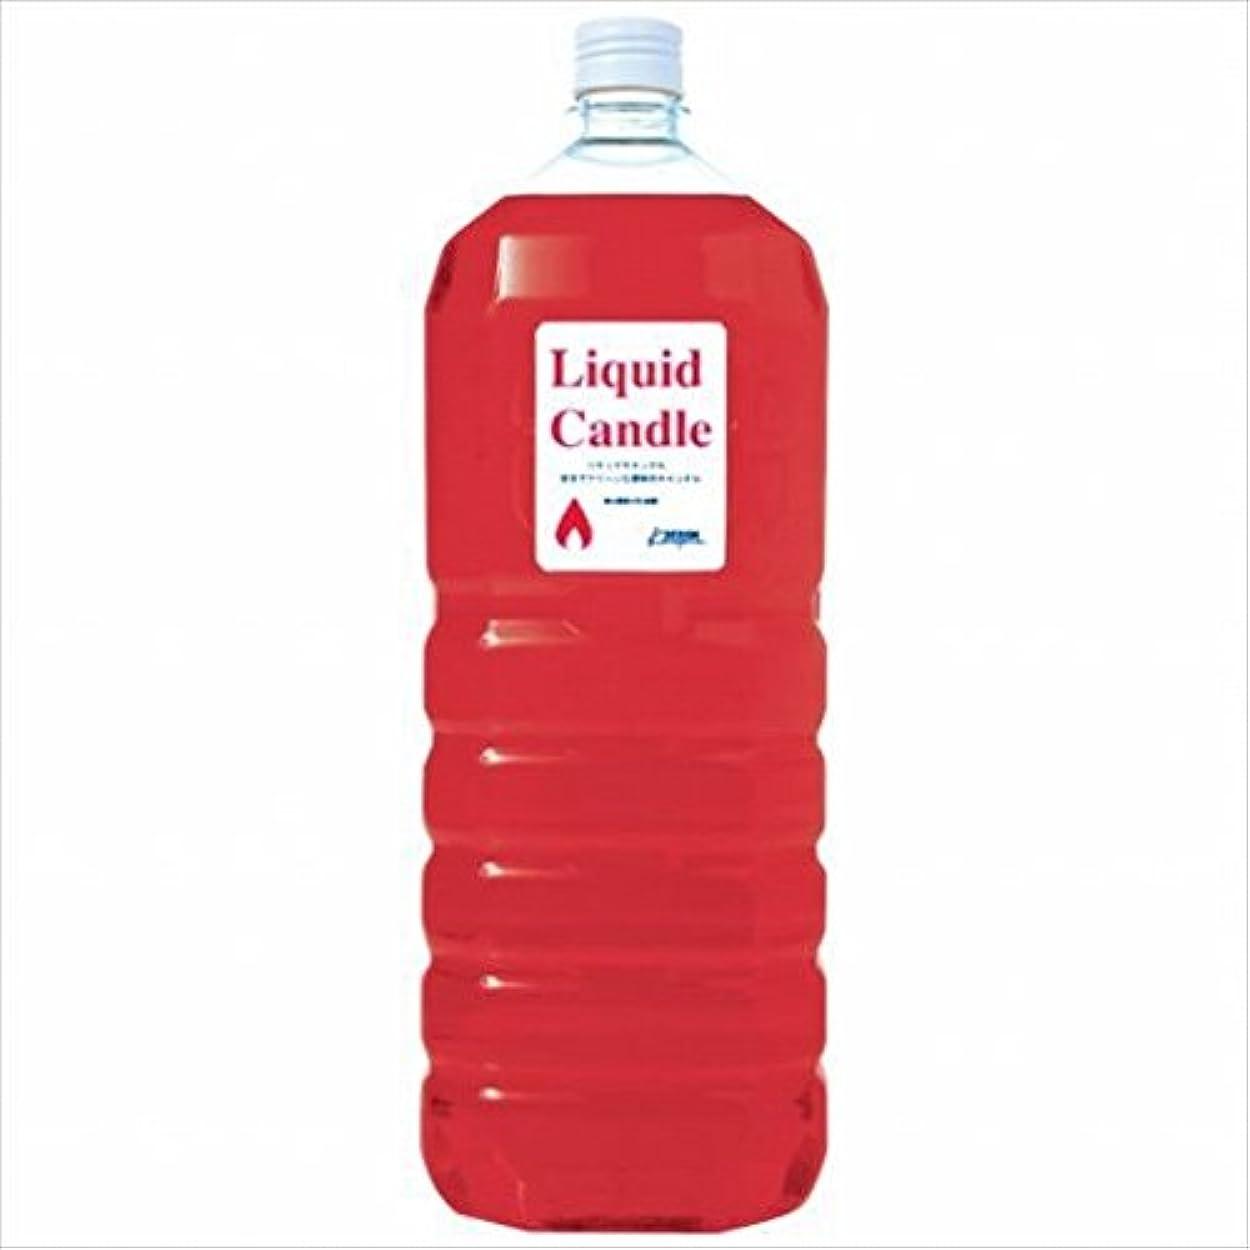 立ち寄る前提条件素敵なカメヤマキャンドル( kameyama candle ) リキッドキャンドル2リットル 「 レッド 」